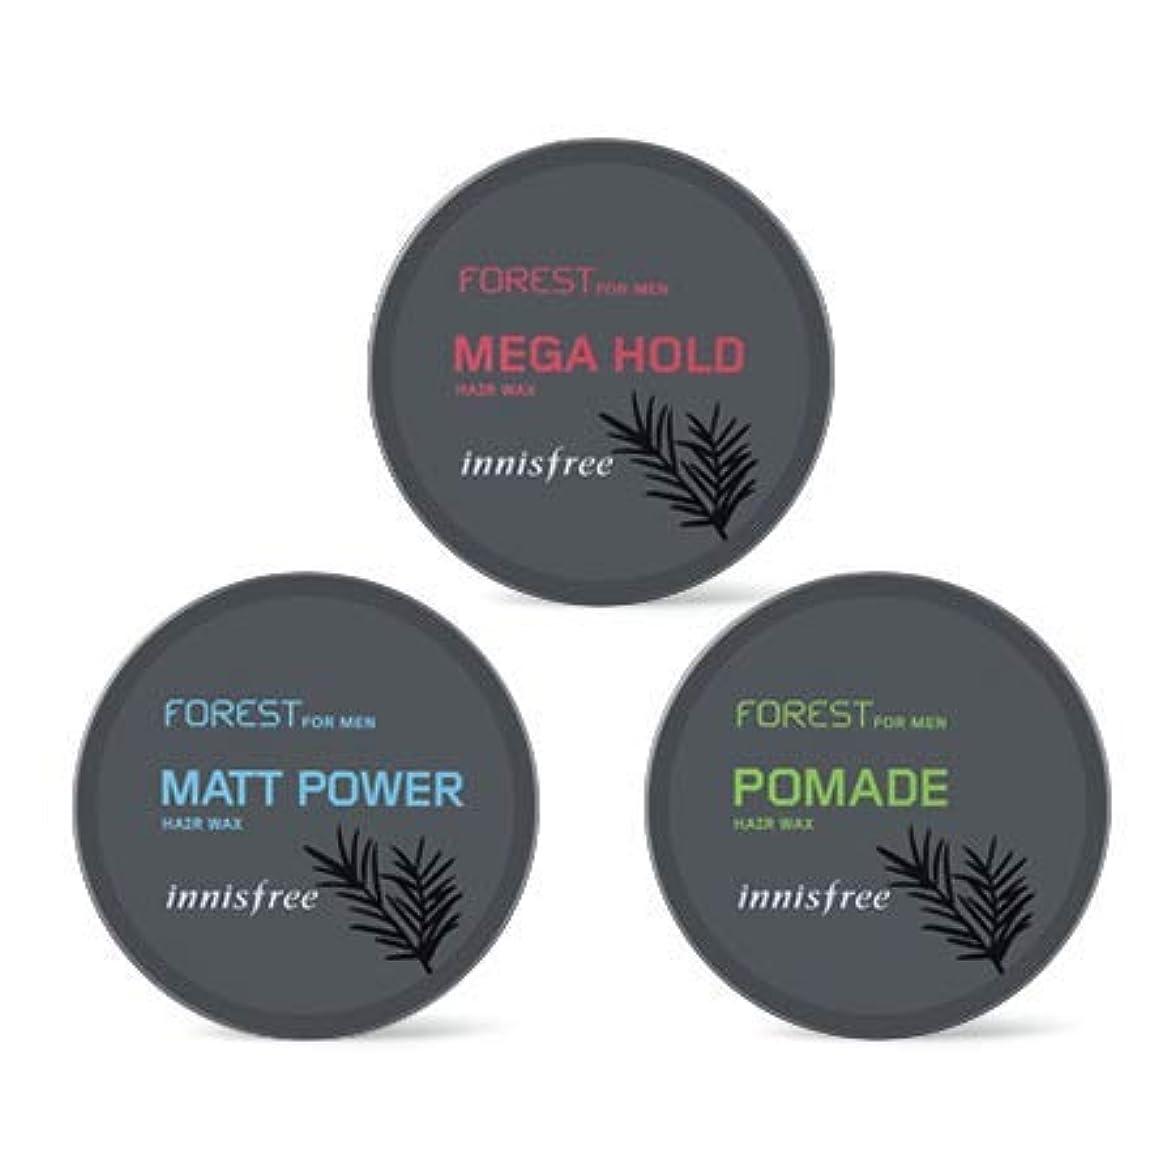 食事広告ダーツ[イニスフリー.INNISFREE](公式)フォレストフォアマンヘアワックス(3種)/ Forest For Men Hair Wax(60G、3 kind) (# mega hold)